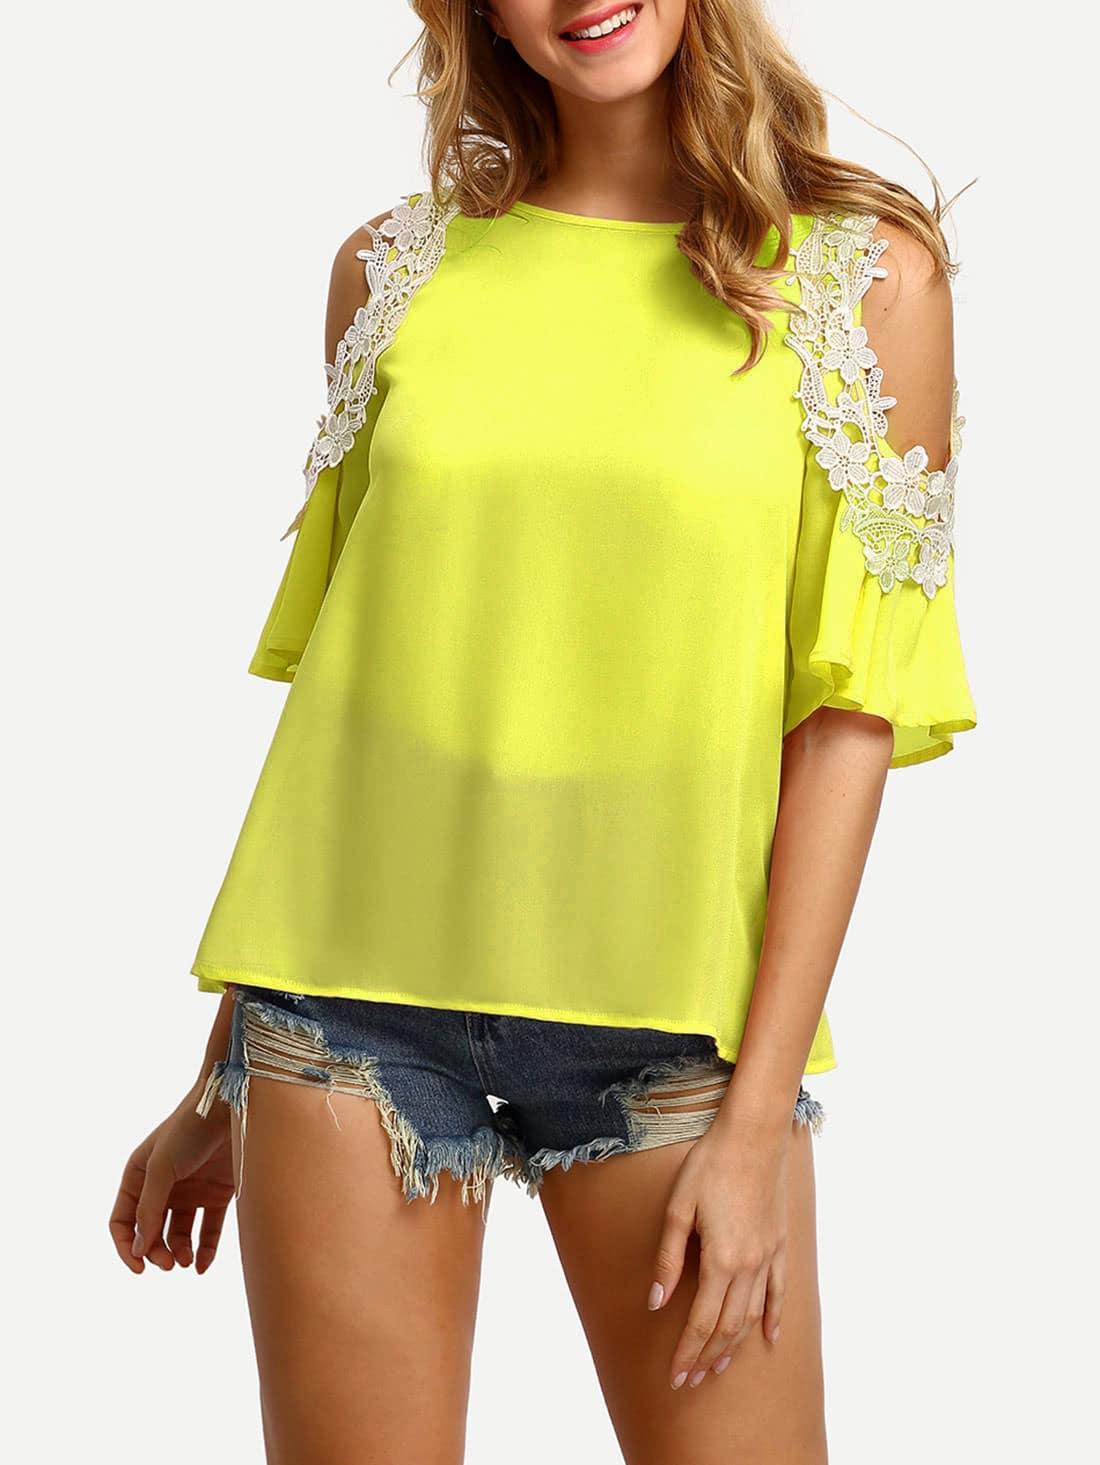 Lace Applique Open Shoulder Keyhole Back Top blouse170504703